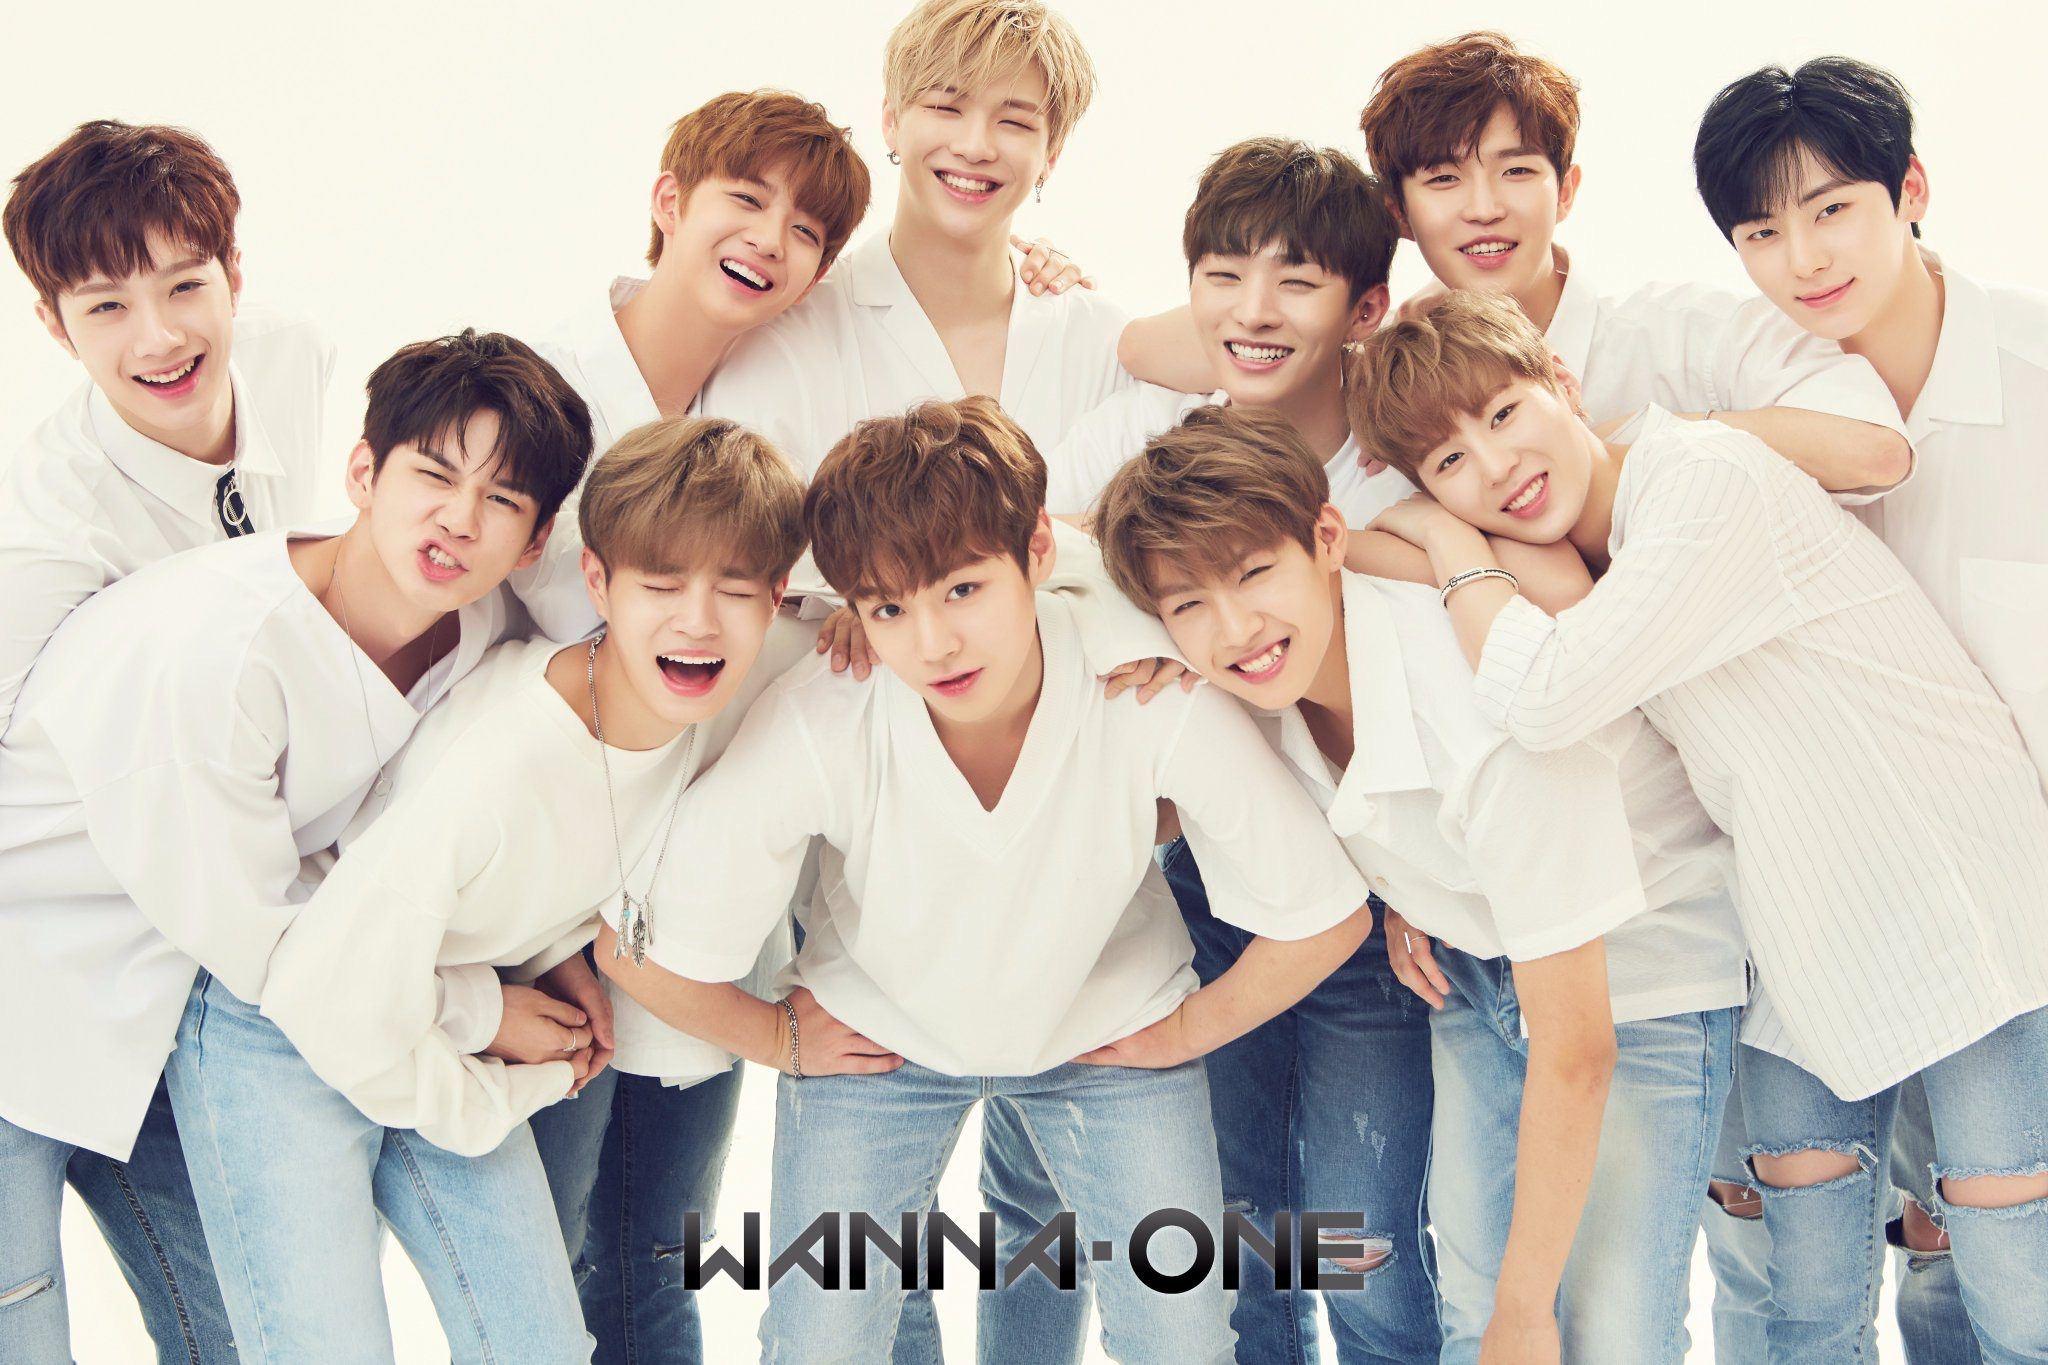 Produce X 101 : Wanna One วันนาวัน วนว